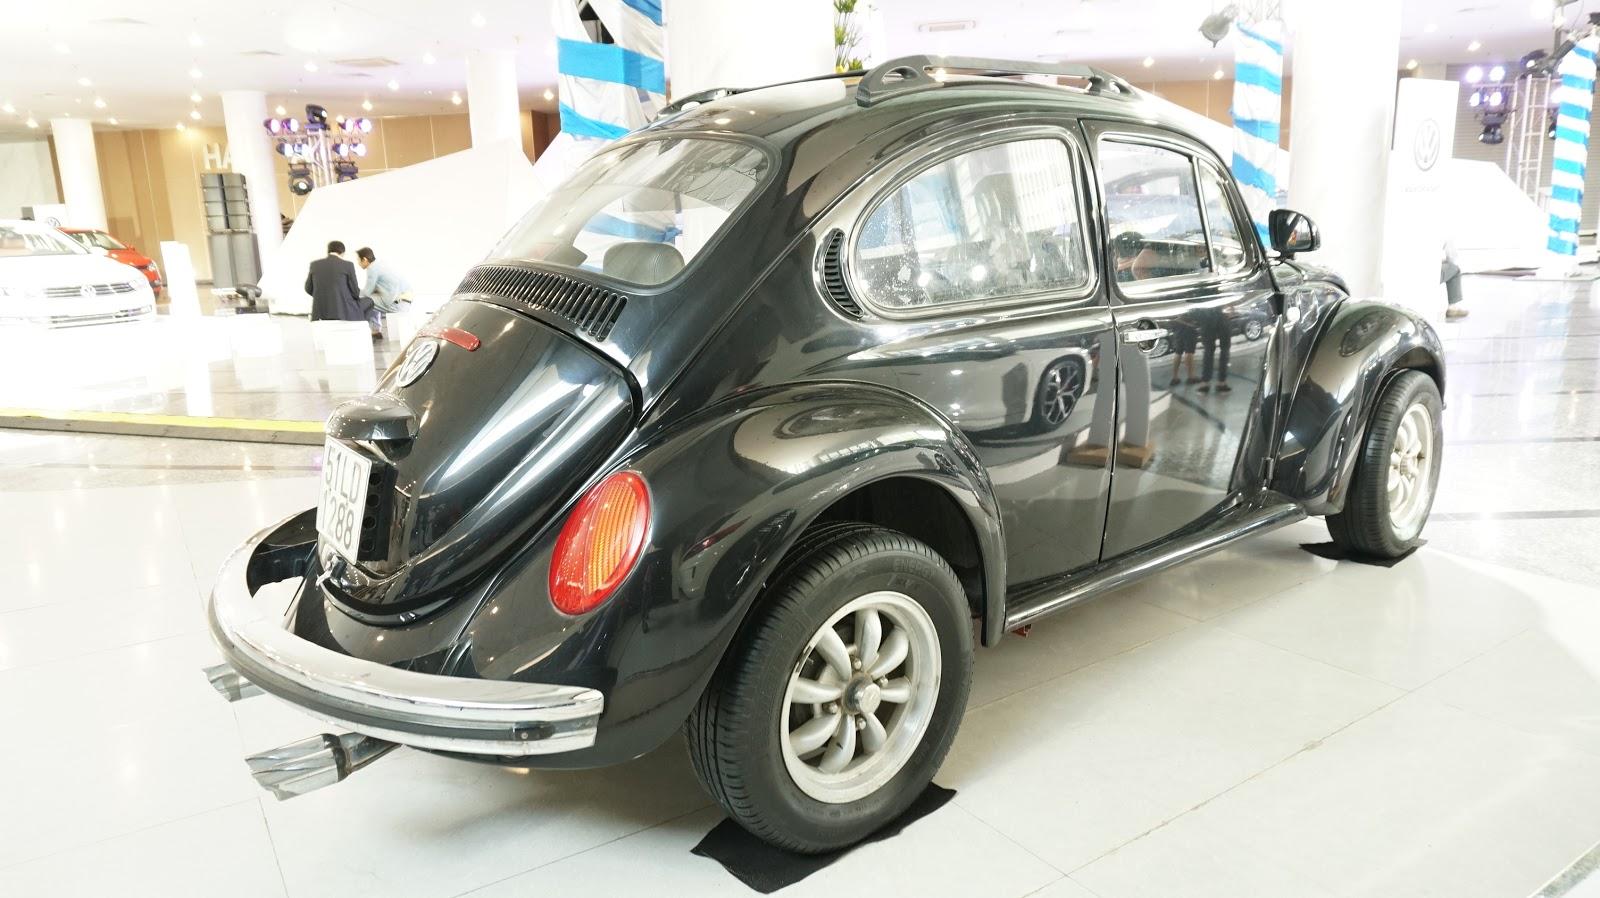 Chiếc Volkswagen Beetle huyền thoại, phương tiện đi lại cho đại gia Sài Gòn xưa